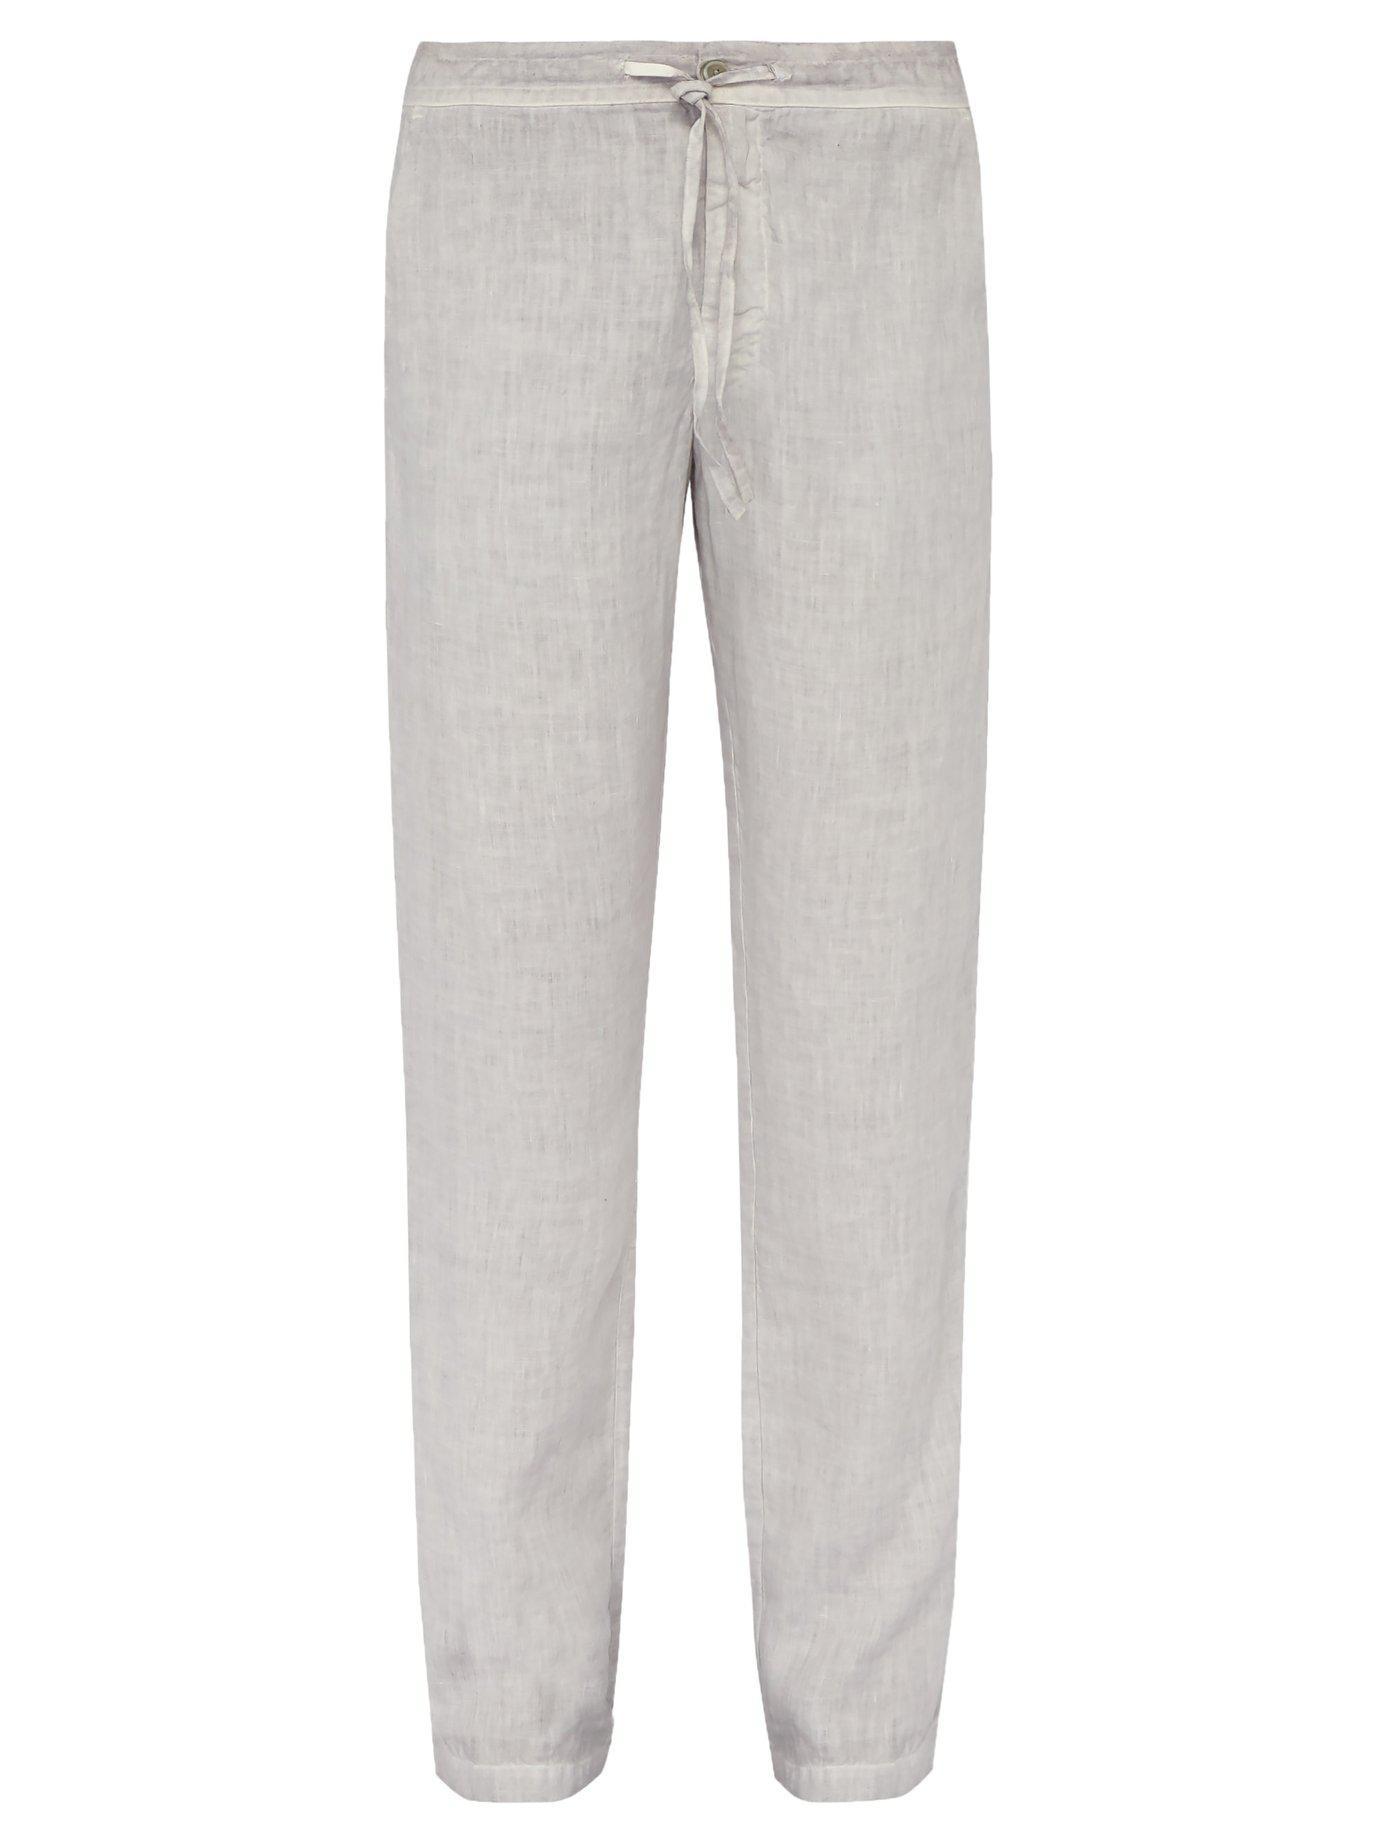 ec9757667f Lyst - 120% Lino Wide Leg Linen Trousers in Gray for Men